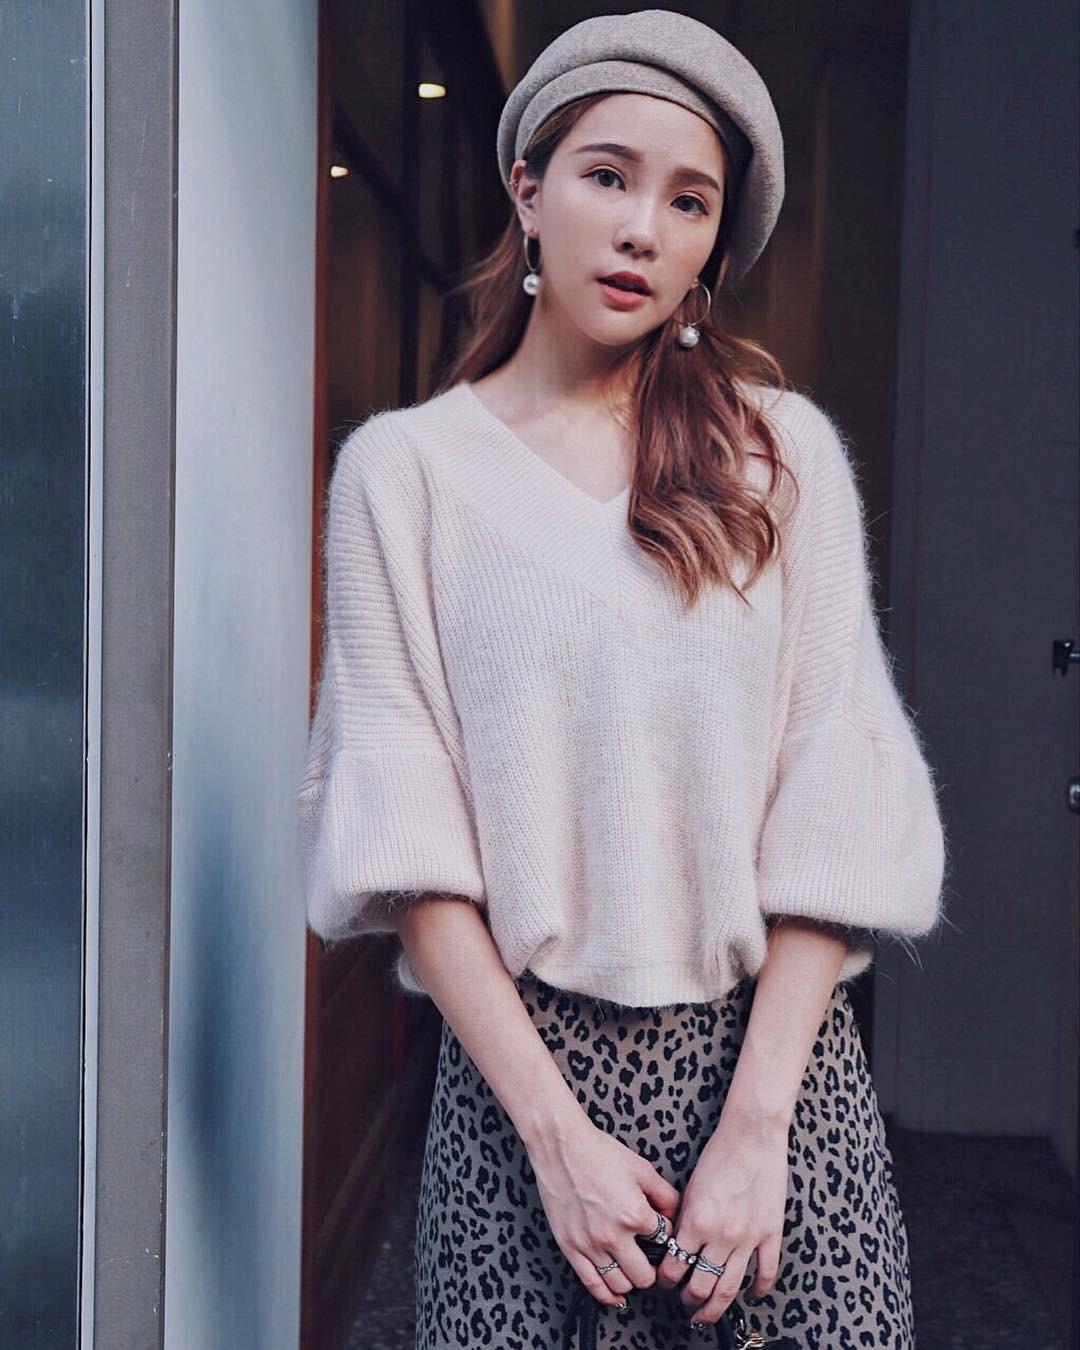 Sắm đủ 5 mẫu áo len này, các nàng sẽ chẳng còn lo mặc gì vừa xinh vừa ấm trong mùa đông năm nay - 12